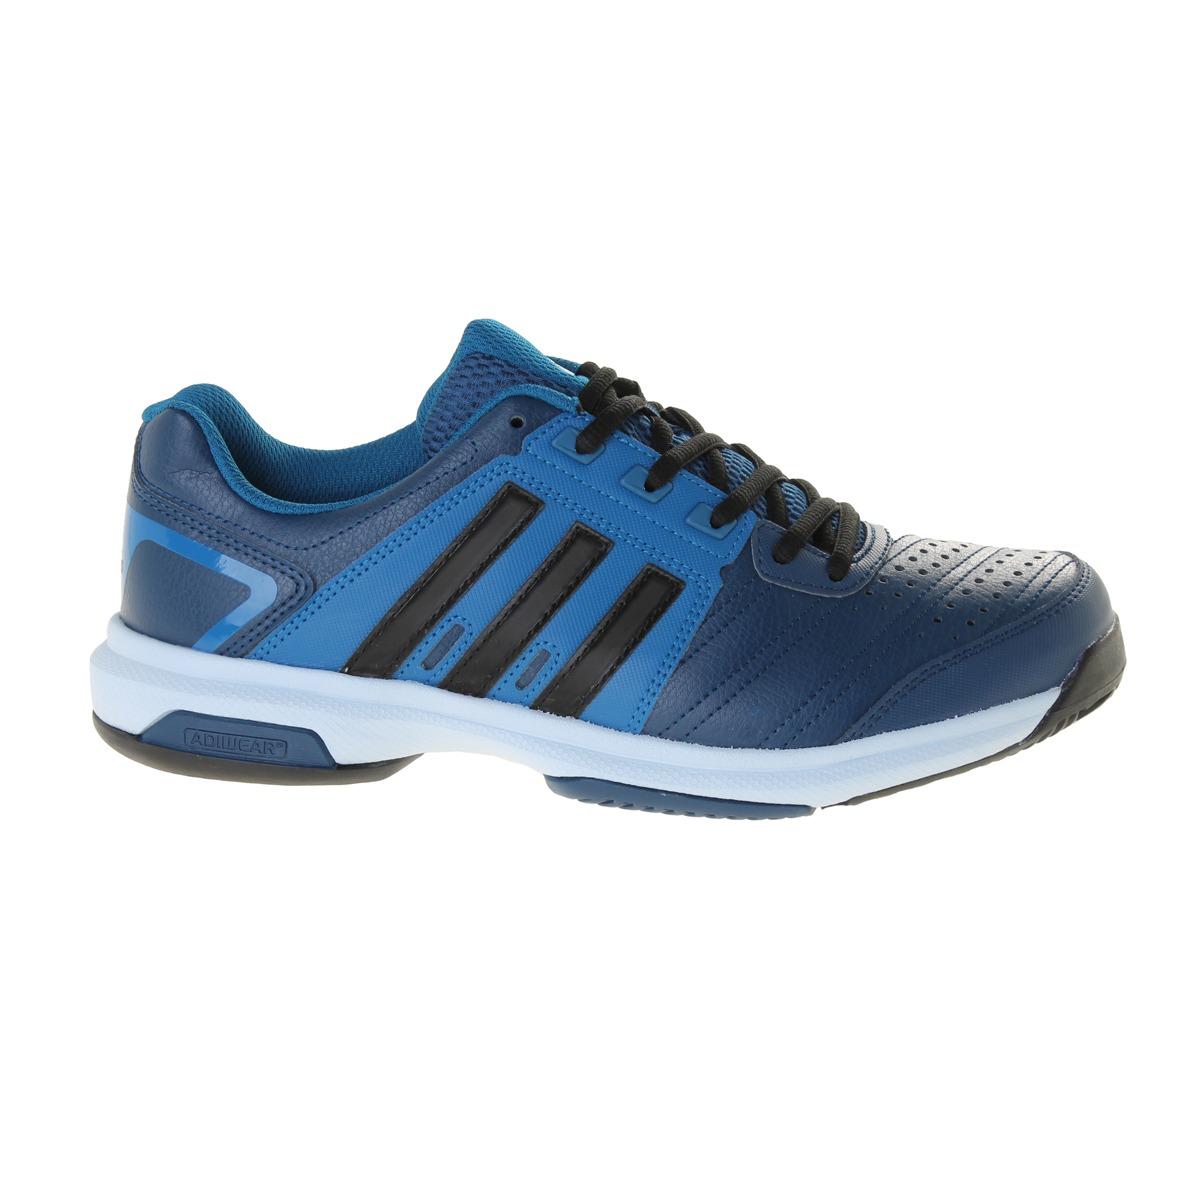 premium selection a1b1f db555 zapatillas adidas barricade approach str sportline. Cargando zoom.